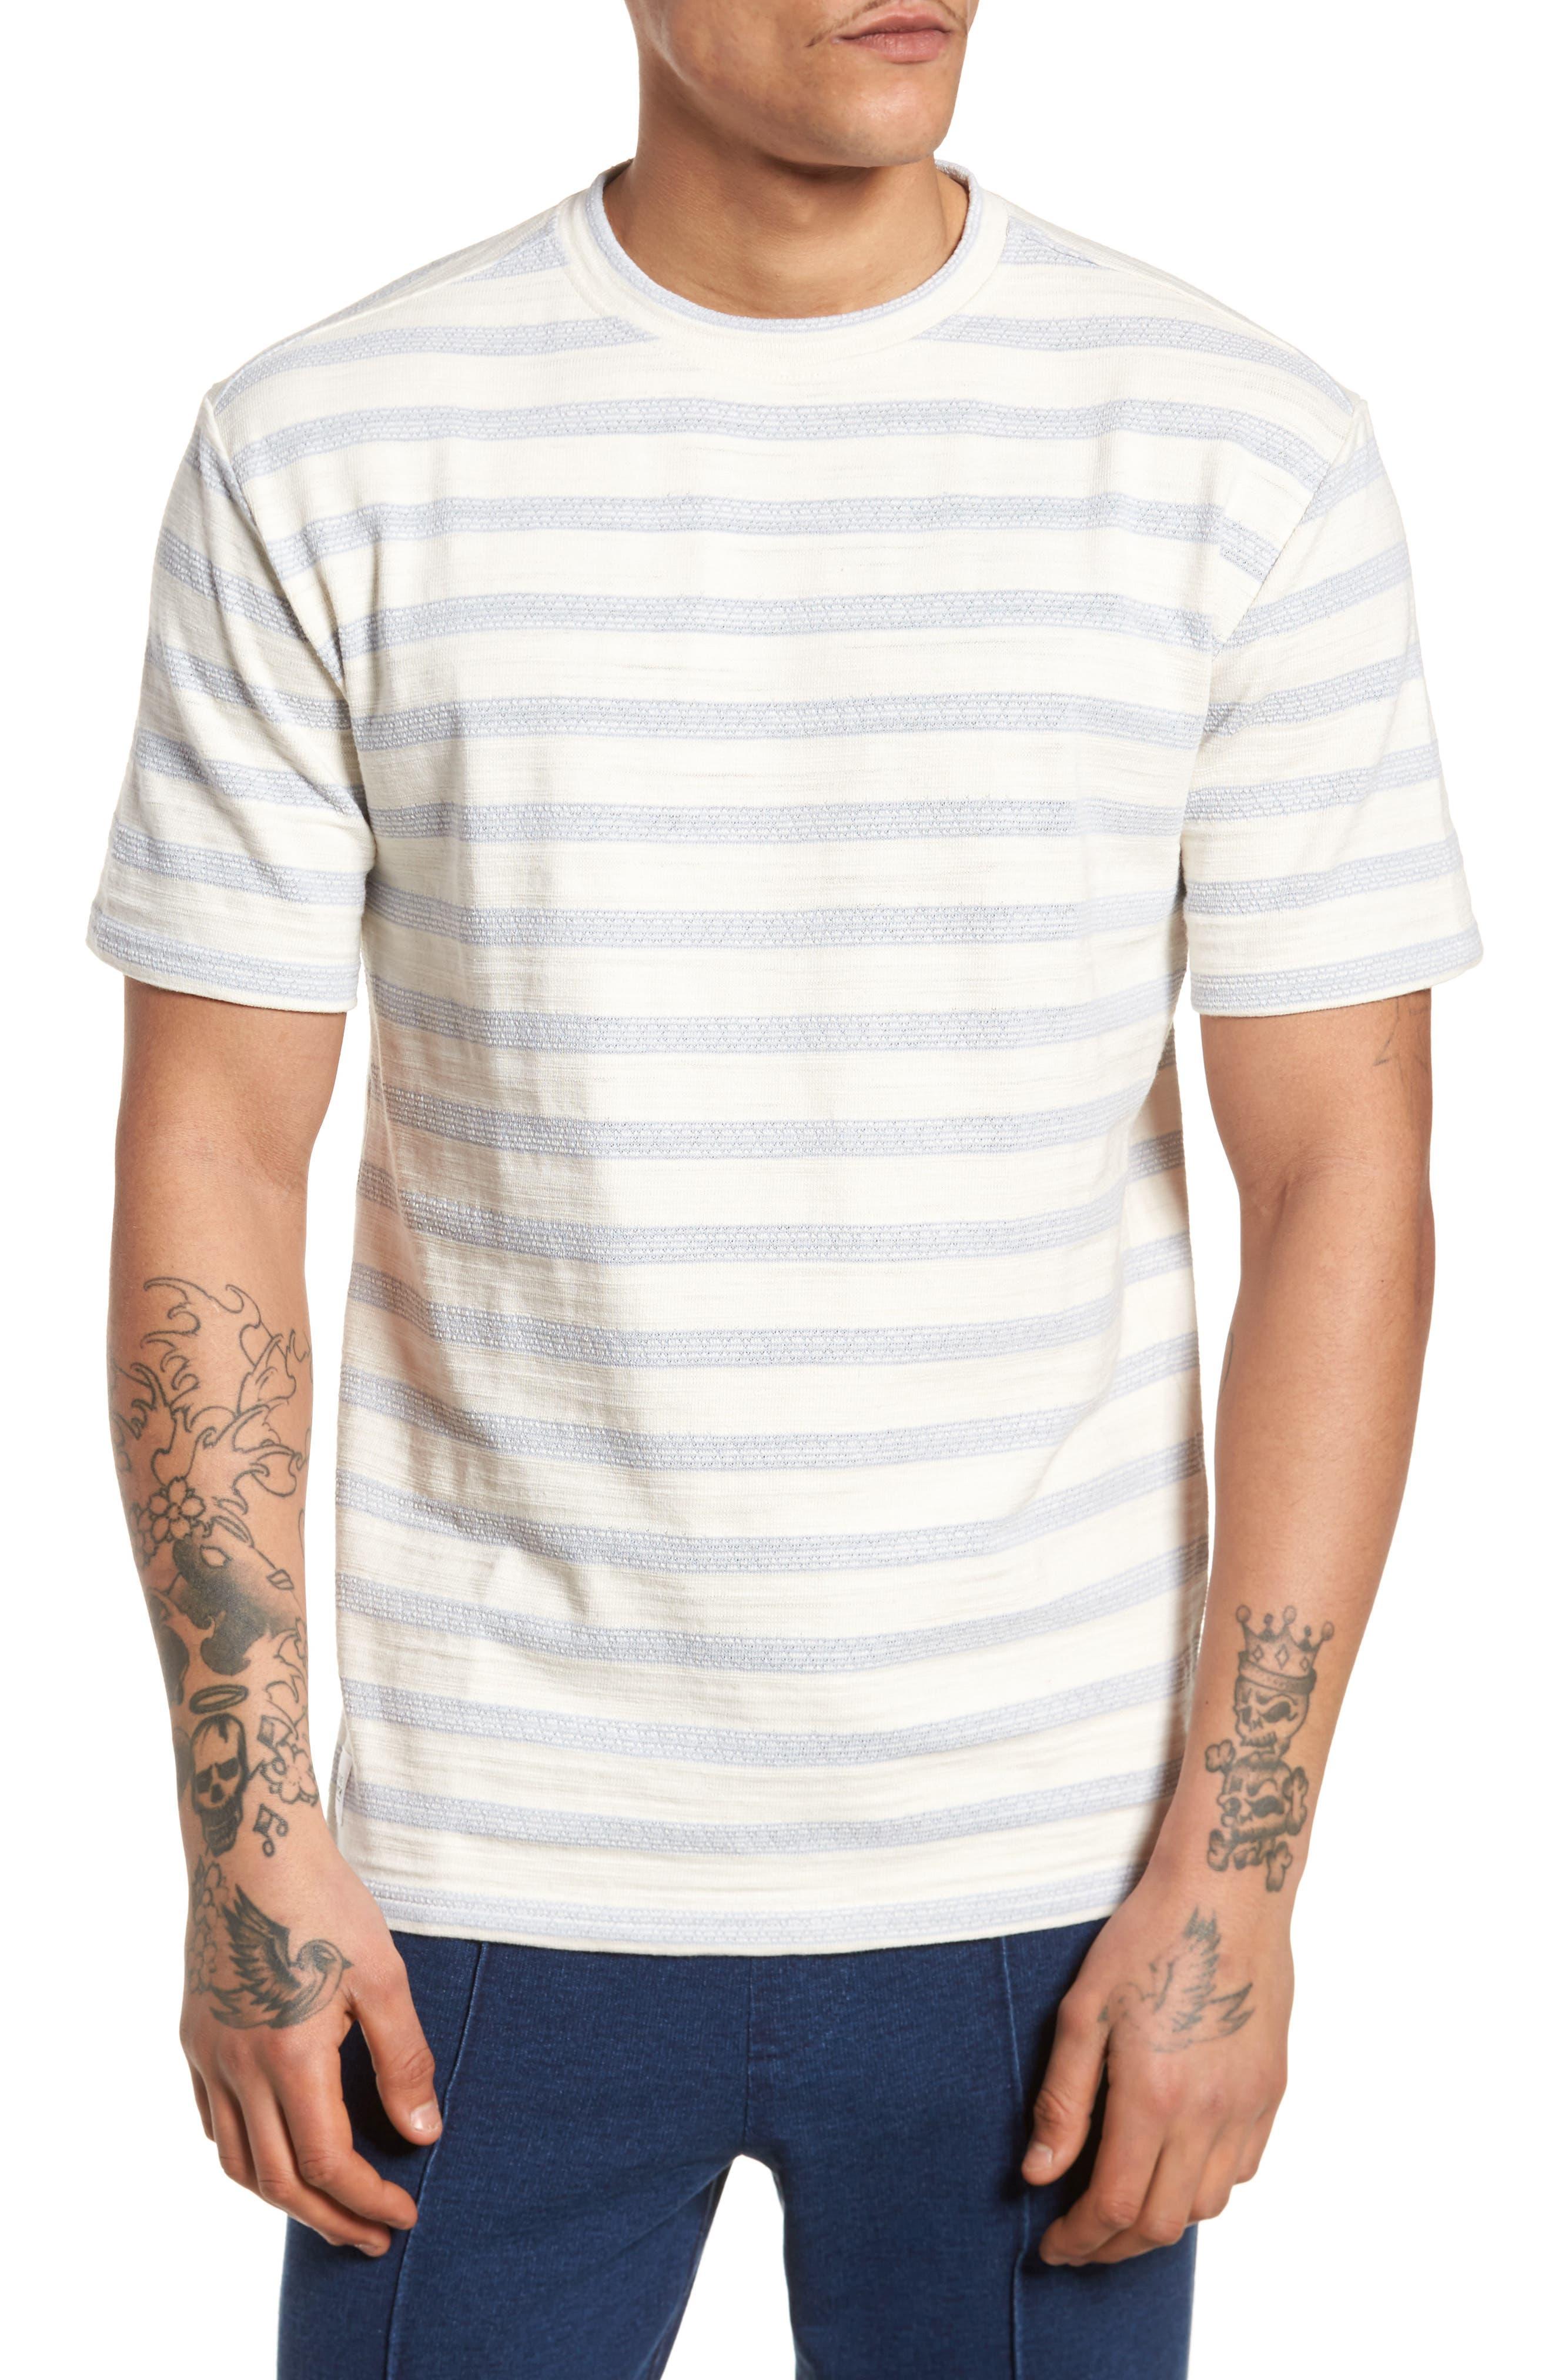 Waves T-Shirt,                             Main thumbnail 1, color,                             900